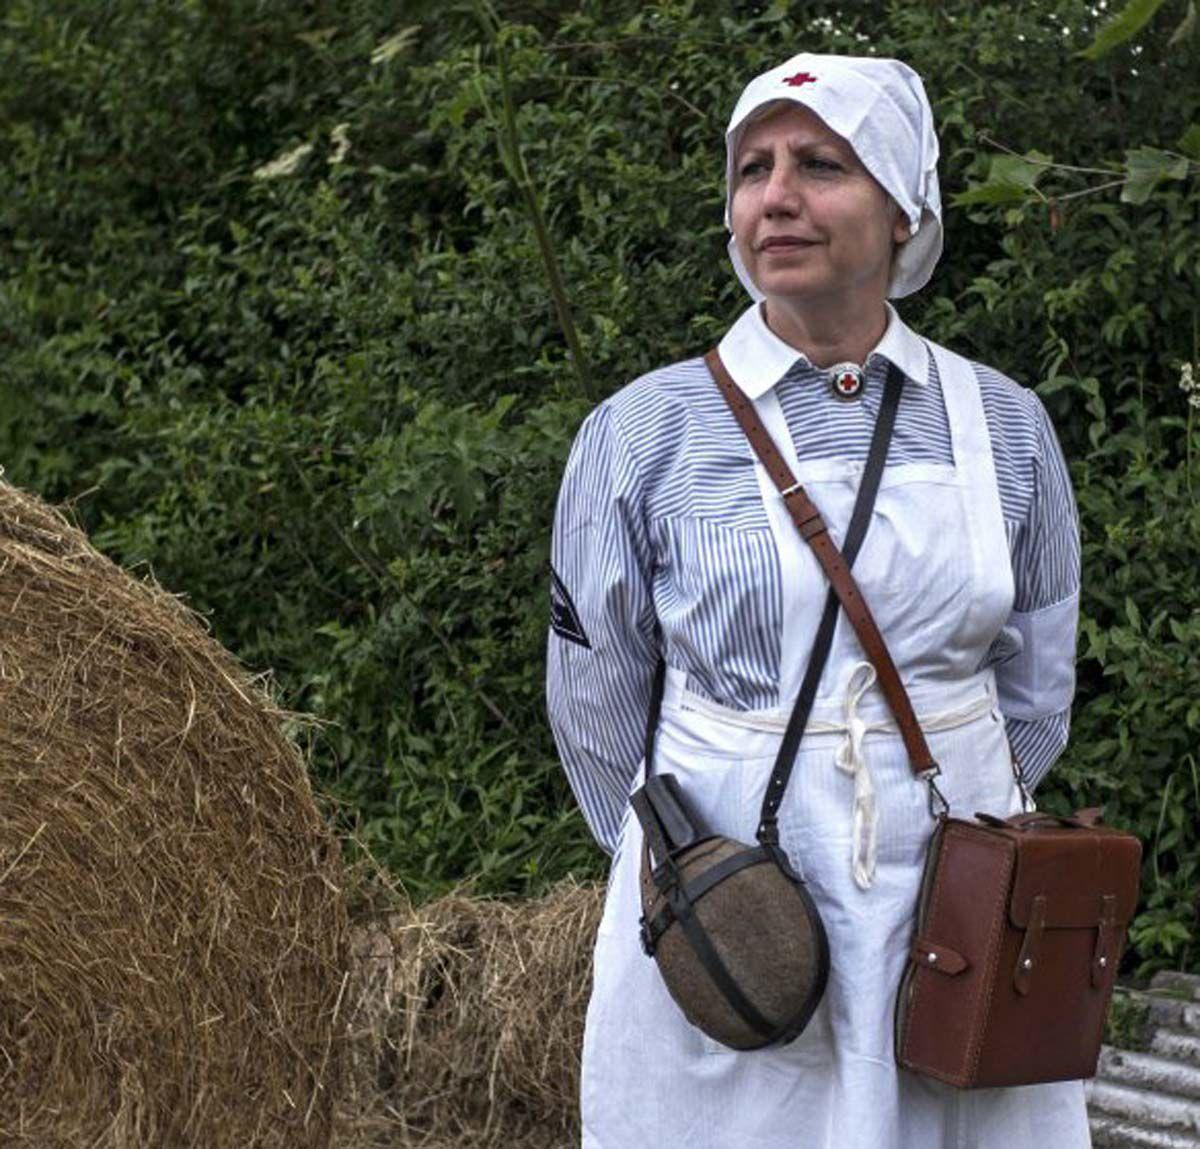 bonnet lady.jpg